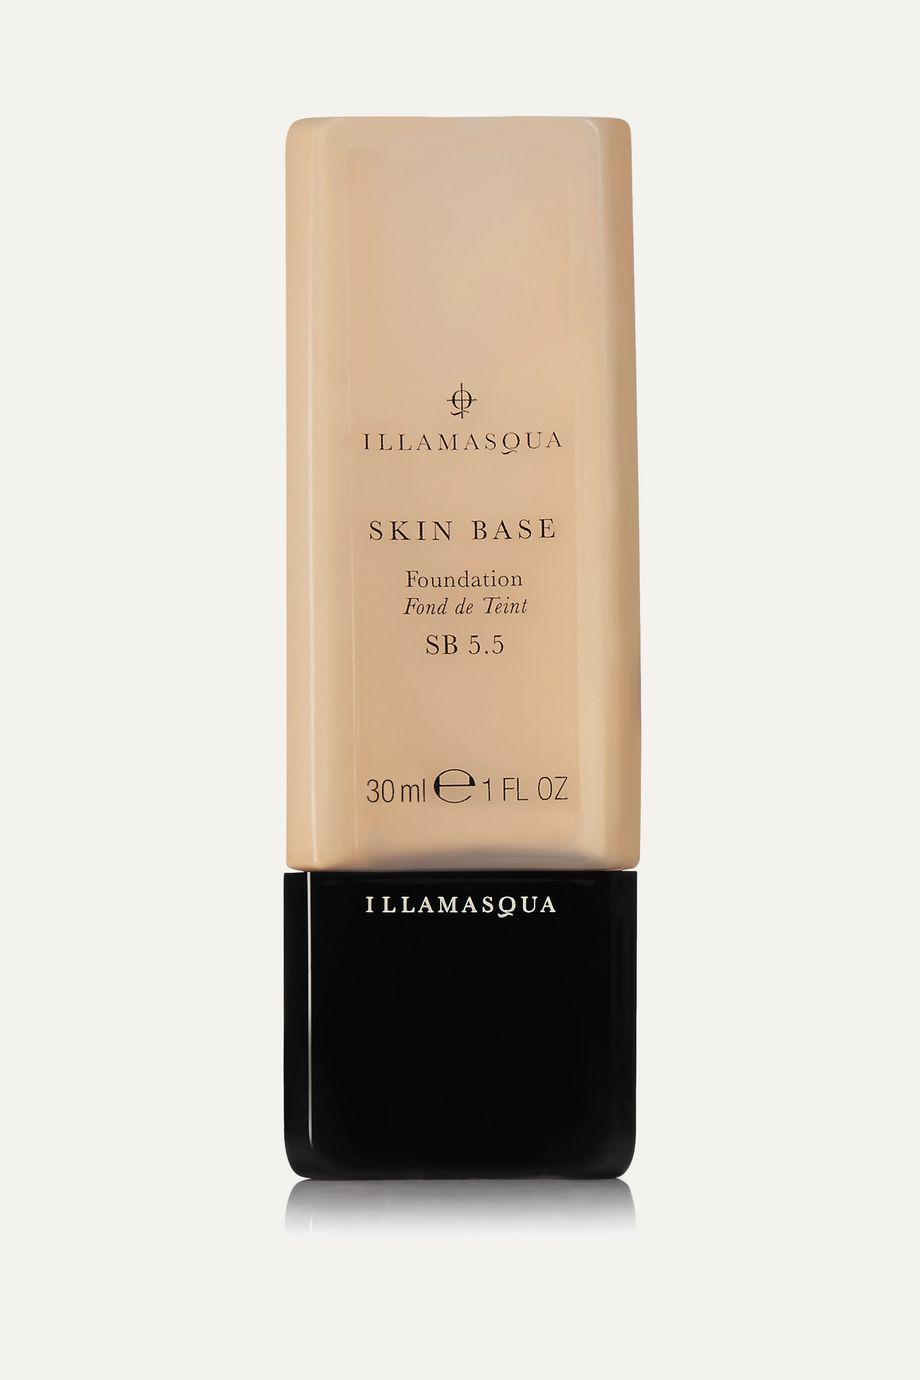 Illamasqua Skin Base Foundation - 5.5, 30ml